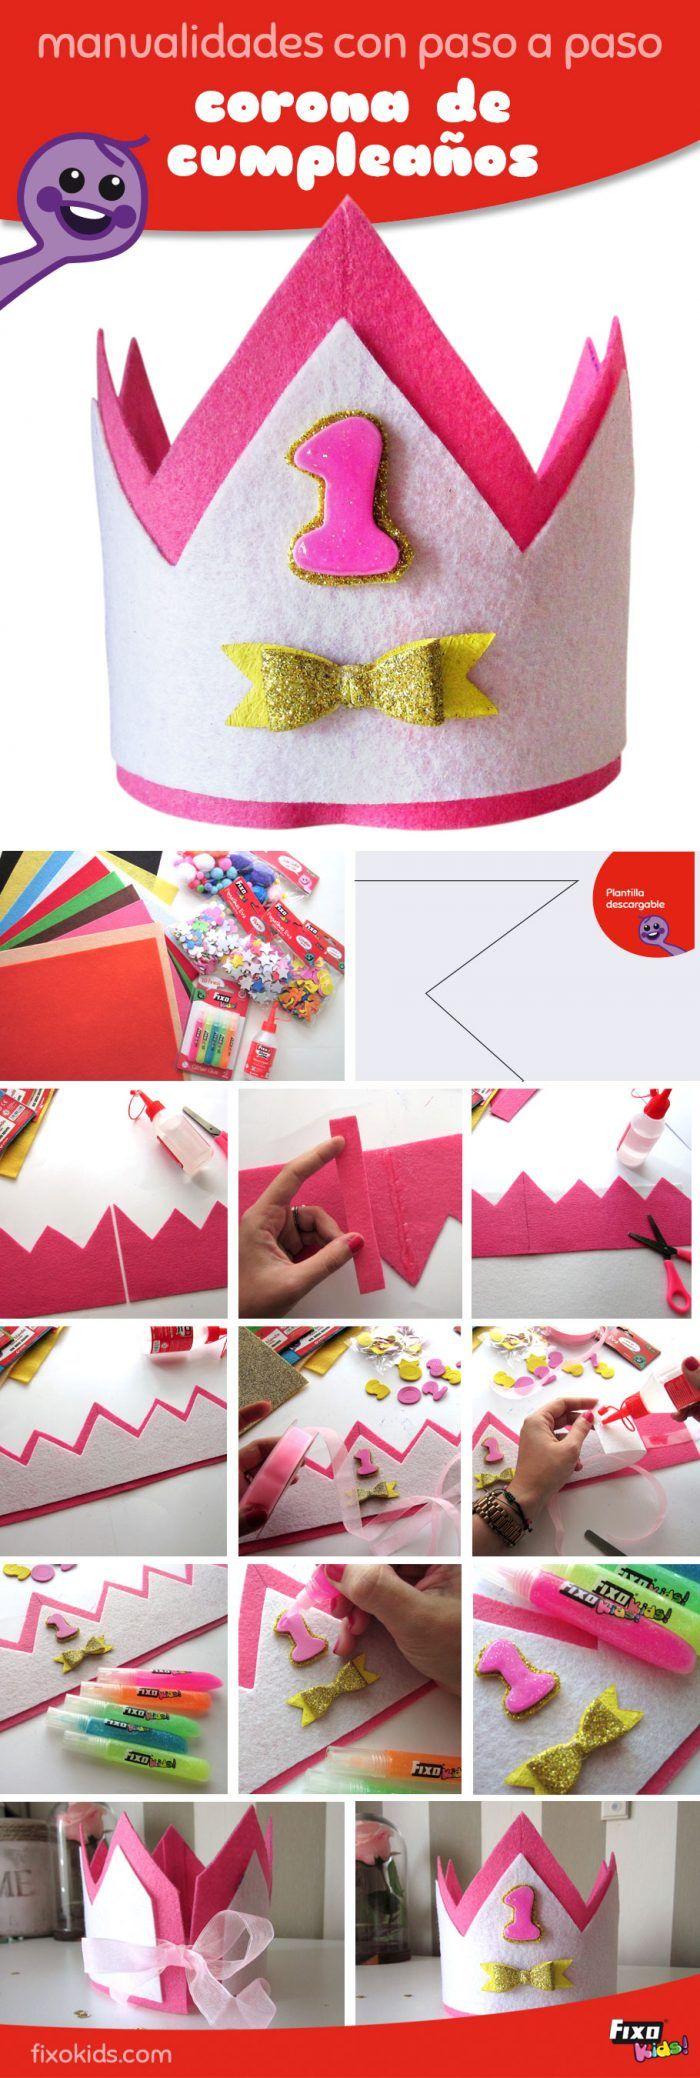 Ideas para cumpleaños: Cómo hacer coronas de cumpleaños con fieltro. manualidades con fieltro paso a paso. FixoKids. Diy. Handmade. Manualidades para fiestas.